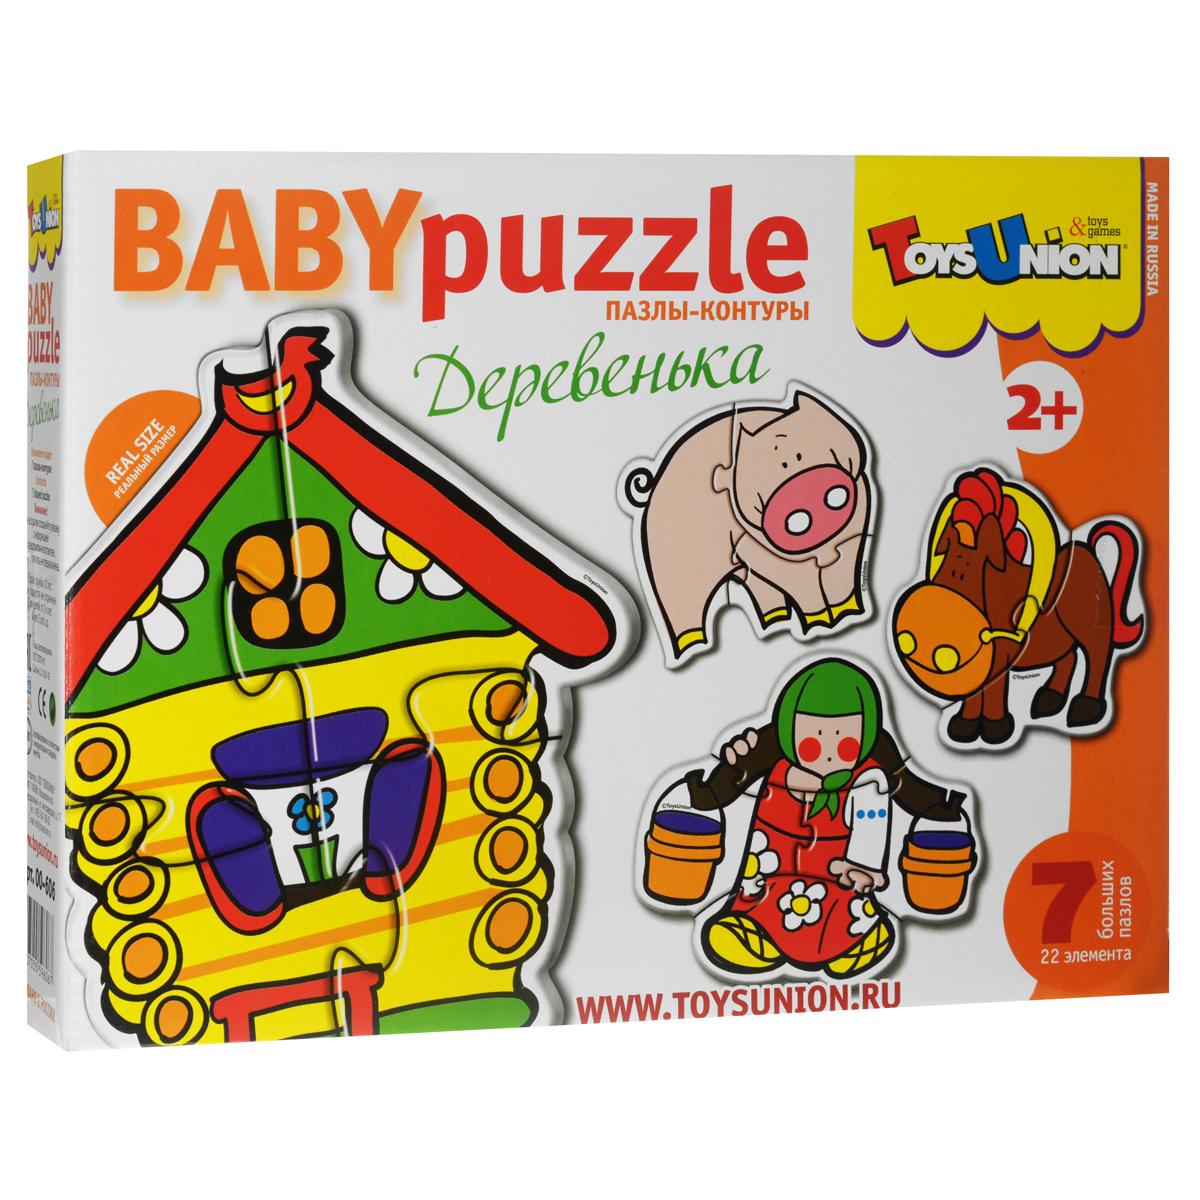 Пазл ToysUnion Деревенька, фигурный, 7 в 1тю00-606Пазлы-контуры ToysUnion Деревенька - это увлекательная игра-головоломка, помогающая развивать у ребенка воображение, пространственное восприятие, память. Пазлы предназначены специально для маленьких детей. Малышу будет удобно брать крупные элементы в руки и самостоятельно собирать картинки. В комплект входит 22 картонных элемента, из которых можно собрать 7 картинок на деревенскую тему. Процесс собирания пазлов способствует развитию не только образного, но и логического мышления, произвольного внимания, восприятия. В частности, различению отдельных элементов по цвету, форме, размеру и т. д. Процесс собирания пазлов учит правильно воспринимать связь между частью и целым. Веселые и добрые картинки, крупные детали, выполненные из высококачественного и экологически чистого материала, доставят вашему ребенку радость и помогут познать окружающий мир.